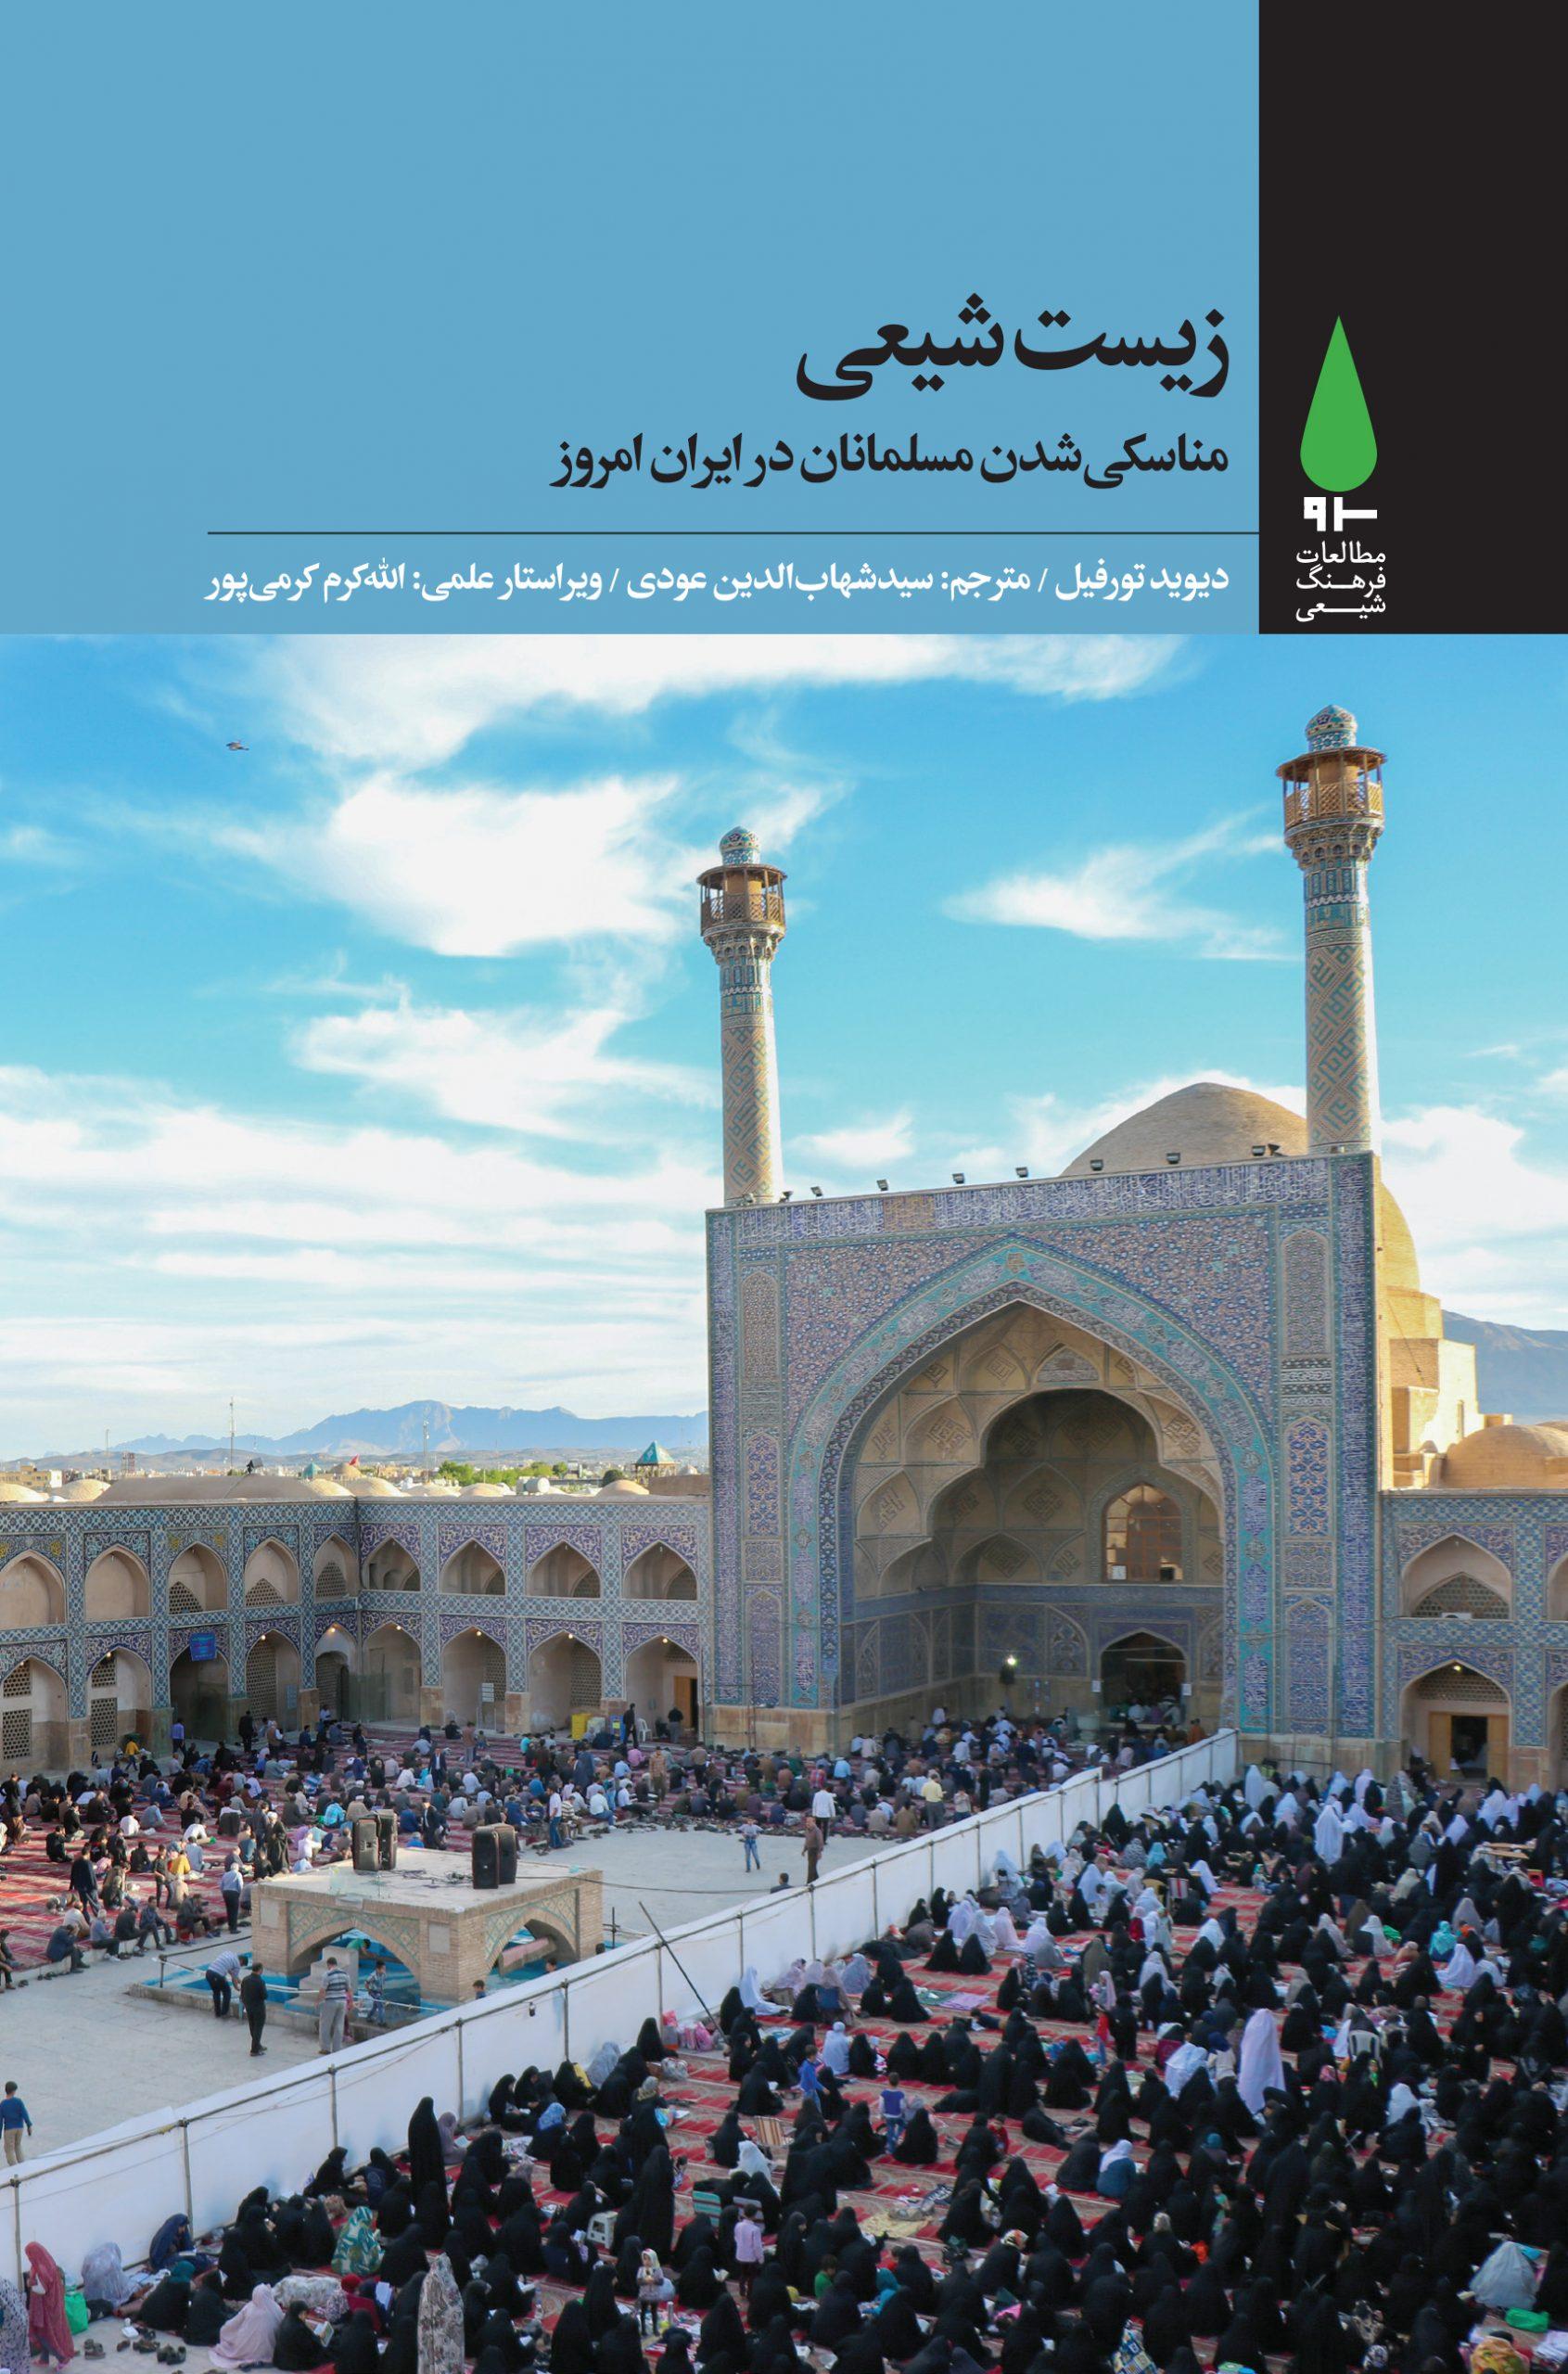 ترجمه فصل آخر كتاب فرقه ها و جنبش هاي اسلامي با عنوان «زیست شیعی: مناسکی شدن مسلمانان در ایران امروز»